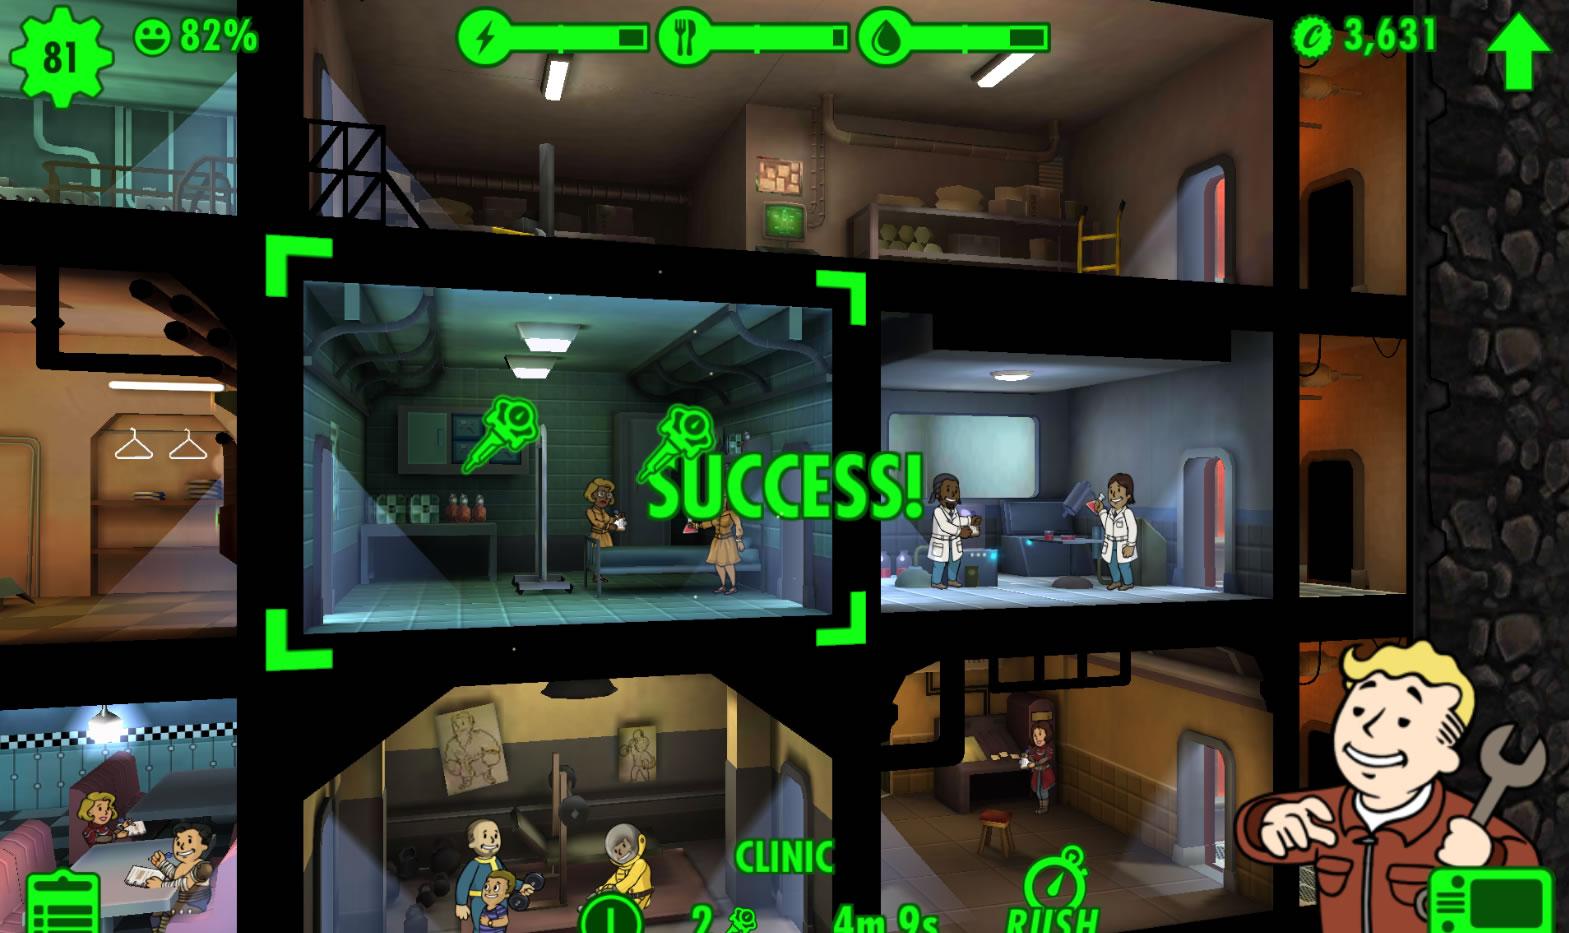 El poder de las microtransacciones: Fallout Shelter generó más de 90 millones de dólares